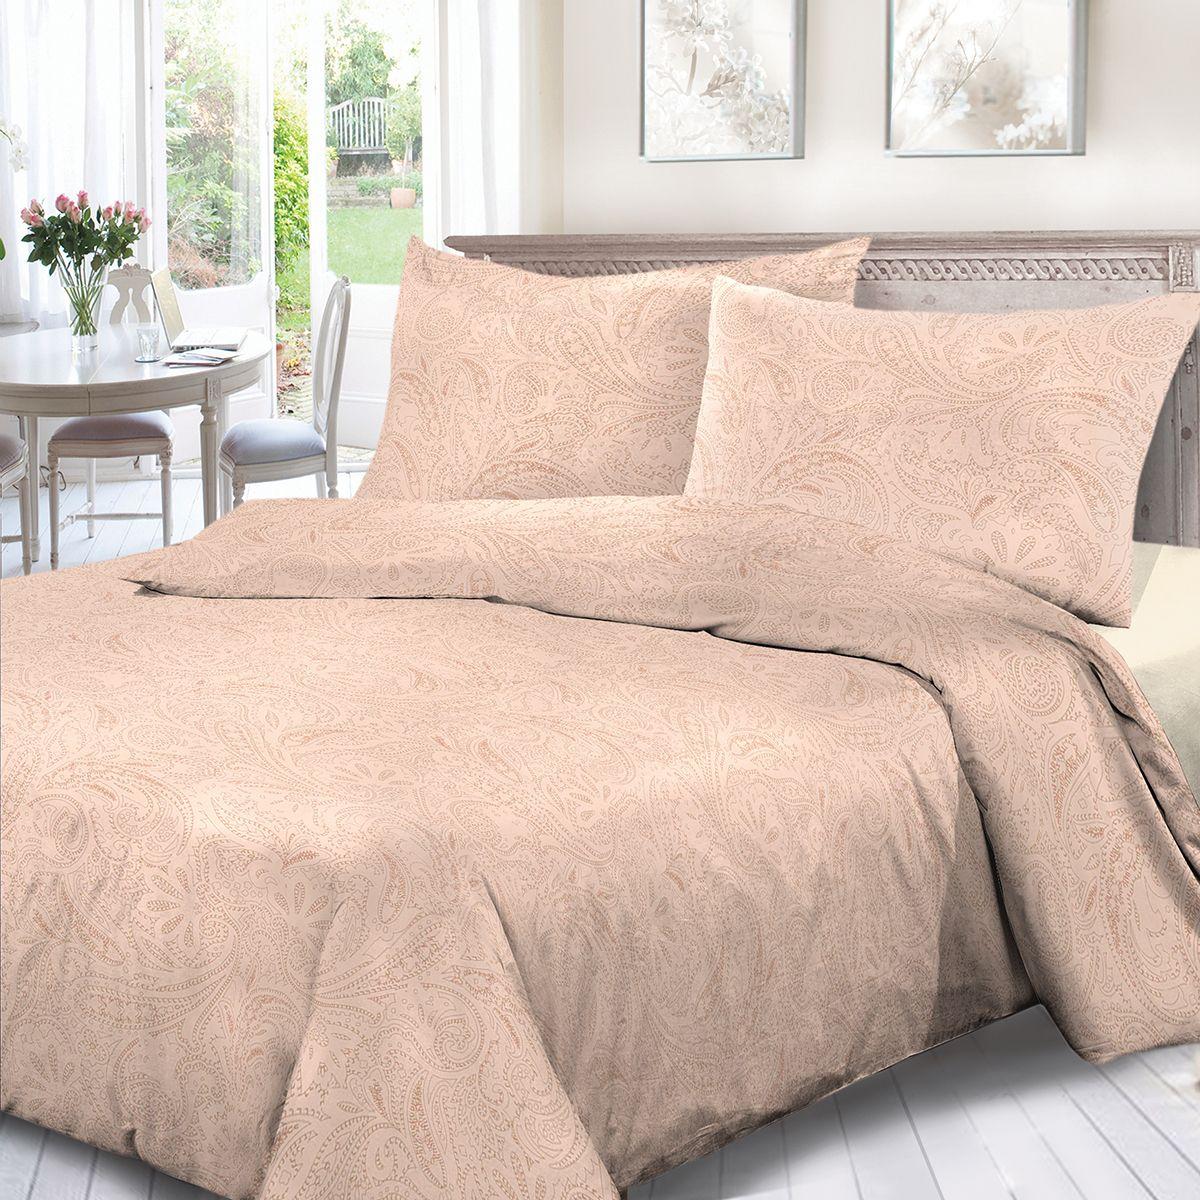 Комплект белья Сорренто Ариэль, 1,5 спальное, наволочки 70x70, цвет: бежевый. 4114-2